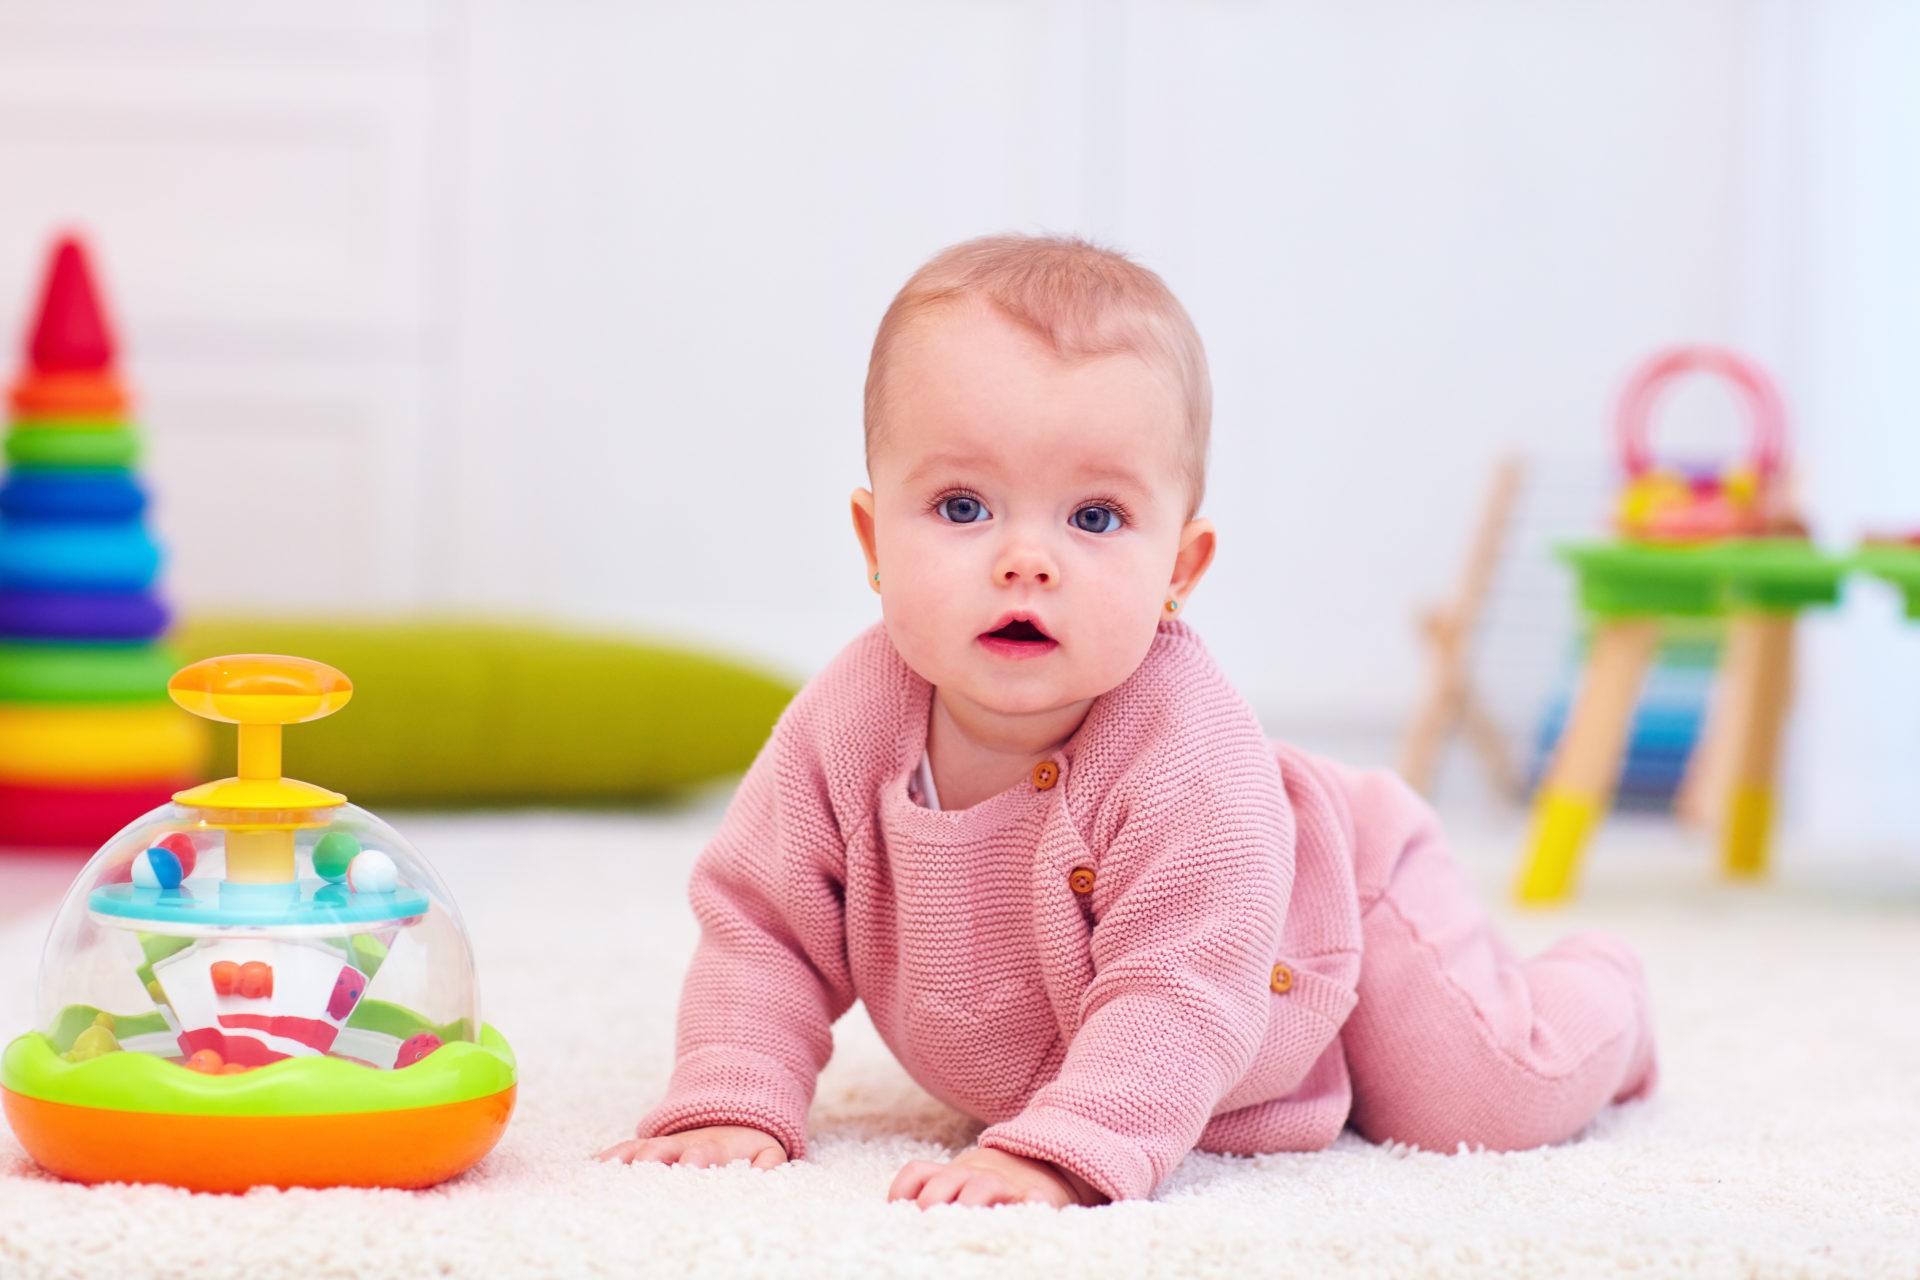 Cadeau Fille Jouet Bébé De 6 Mois, 9 Mois Et 12 Mois : Idées concernant Jouet Garçon 1 An